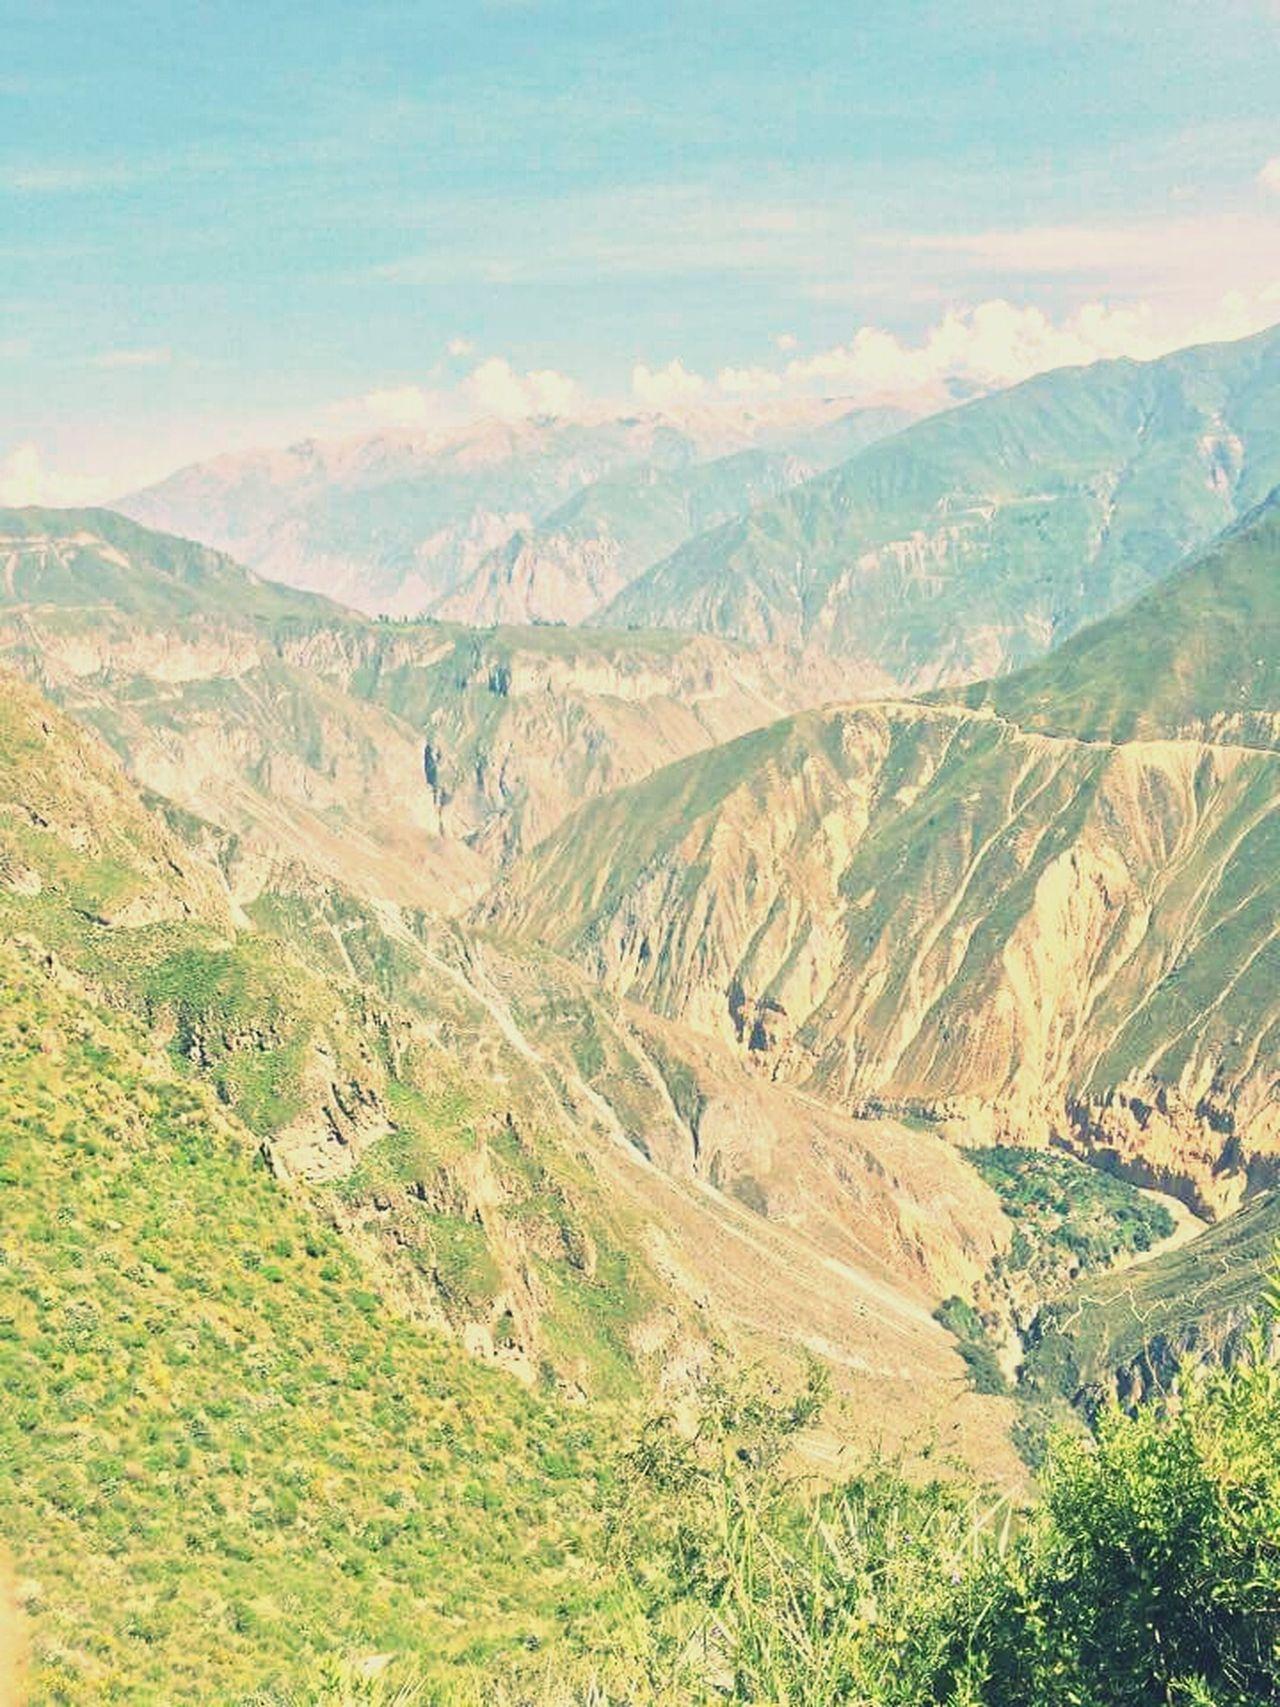 Canyon Del Colca Peru 2015  Colca Canyon Arequipa - Peru Deep High Altitude Mountain Cordillera De Los Andes Andesmountains